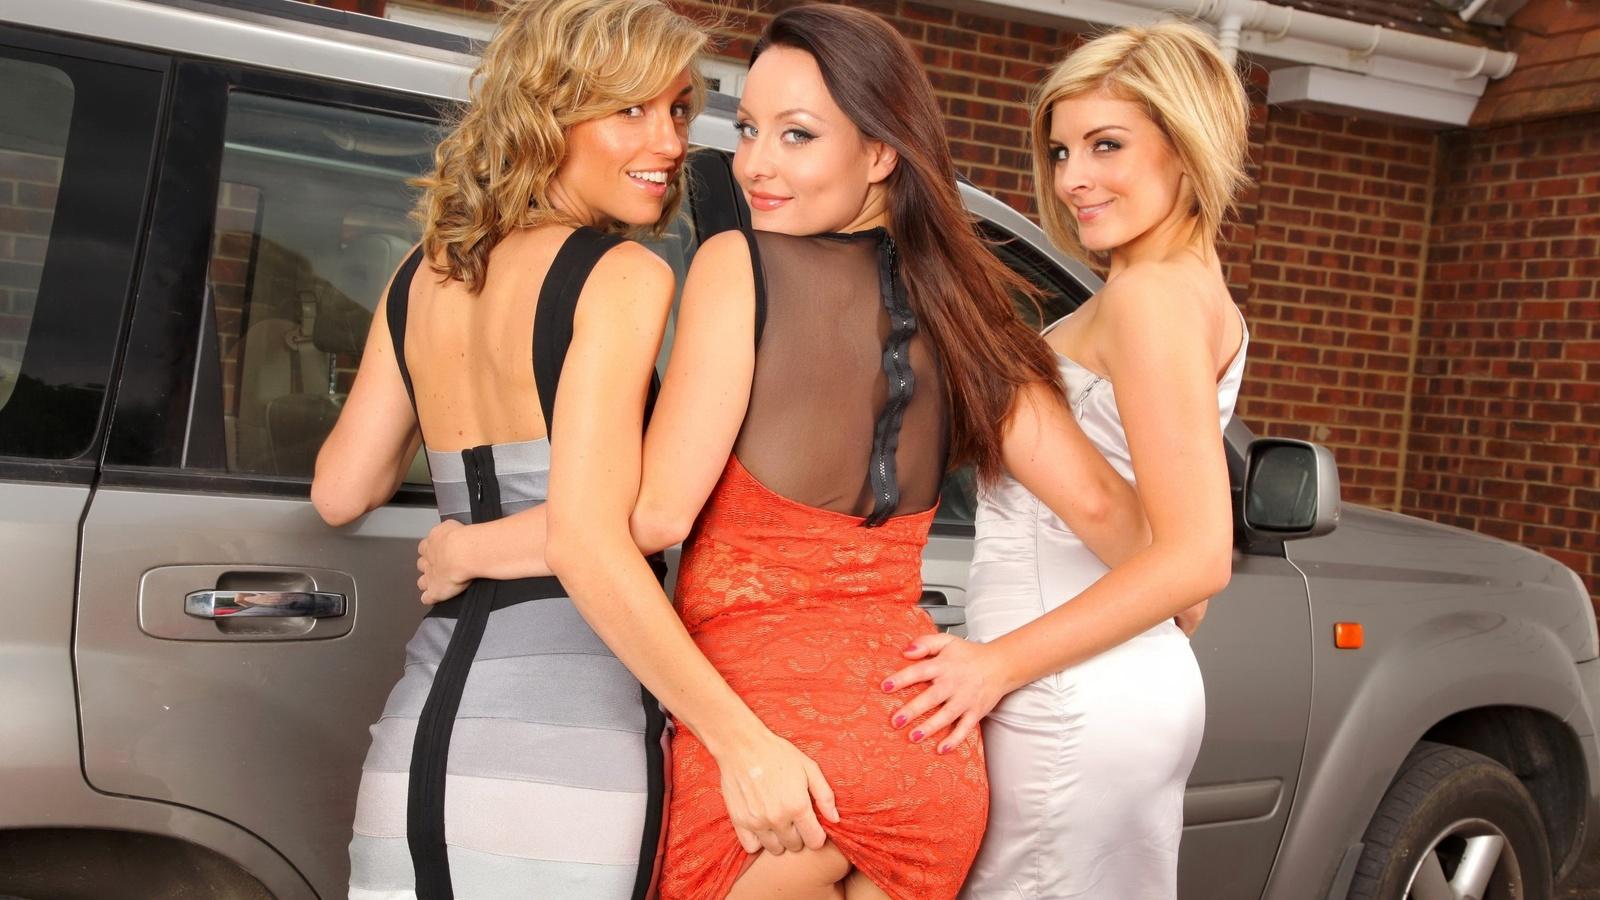 Русскую блондинку ебут трое, Трое русских парней трахают одну девушку - смотреть 27 фотография